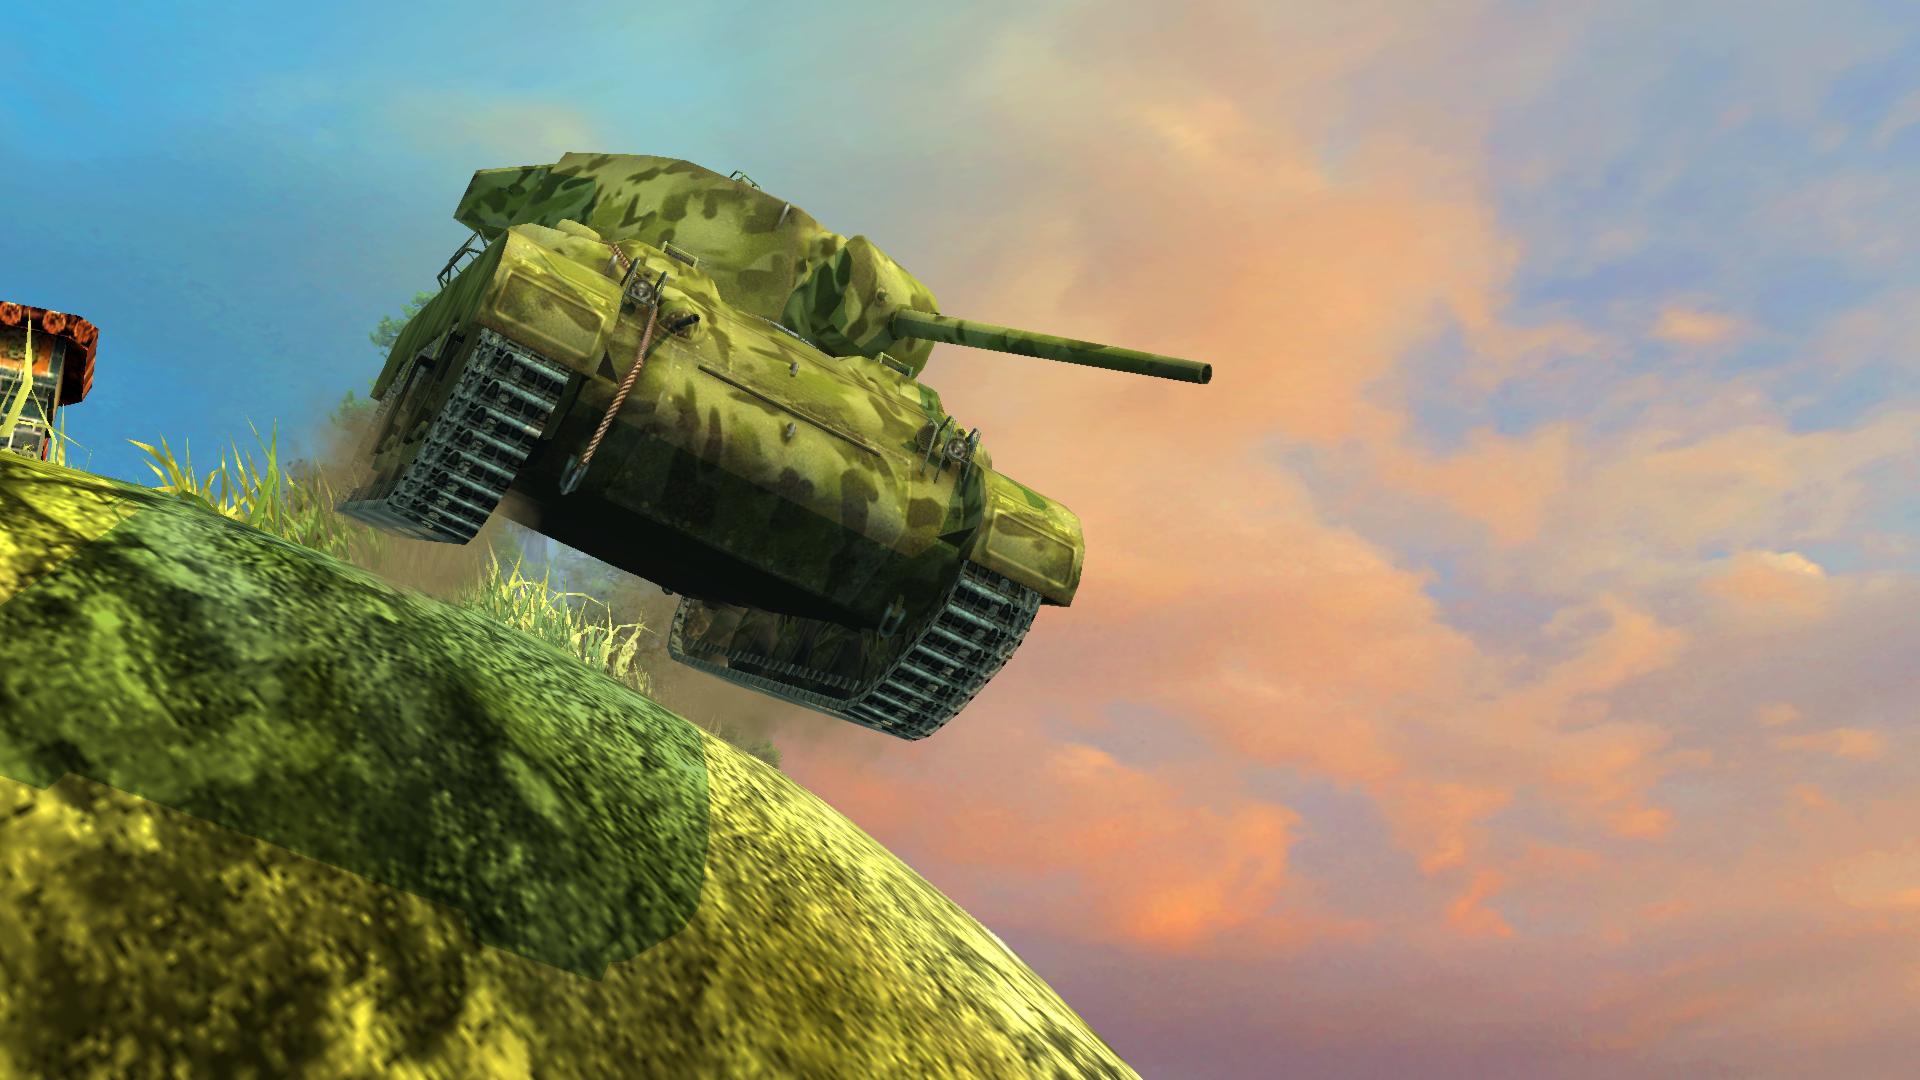 World of Tanks Blitz · AppID: 444200 · Steam Database